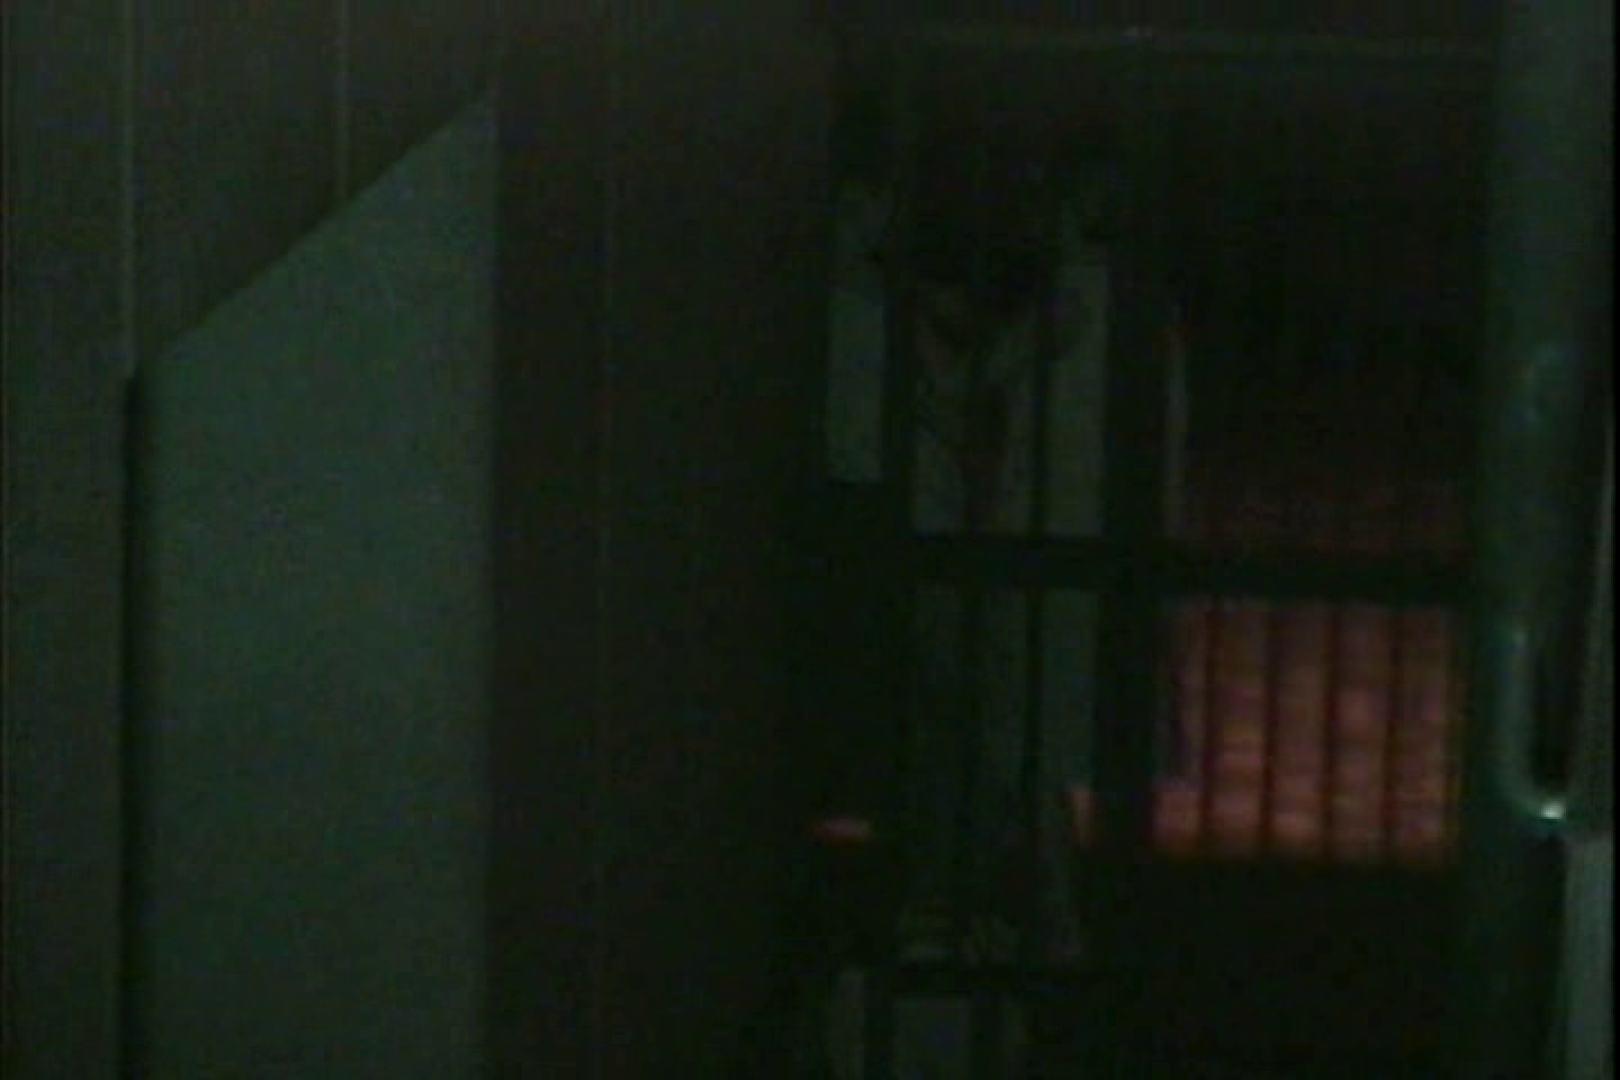 闇の仕掛け人 無修正版 Vol.19 OLエロ画像   フリーハンド  102PICs 67